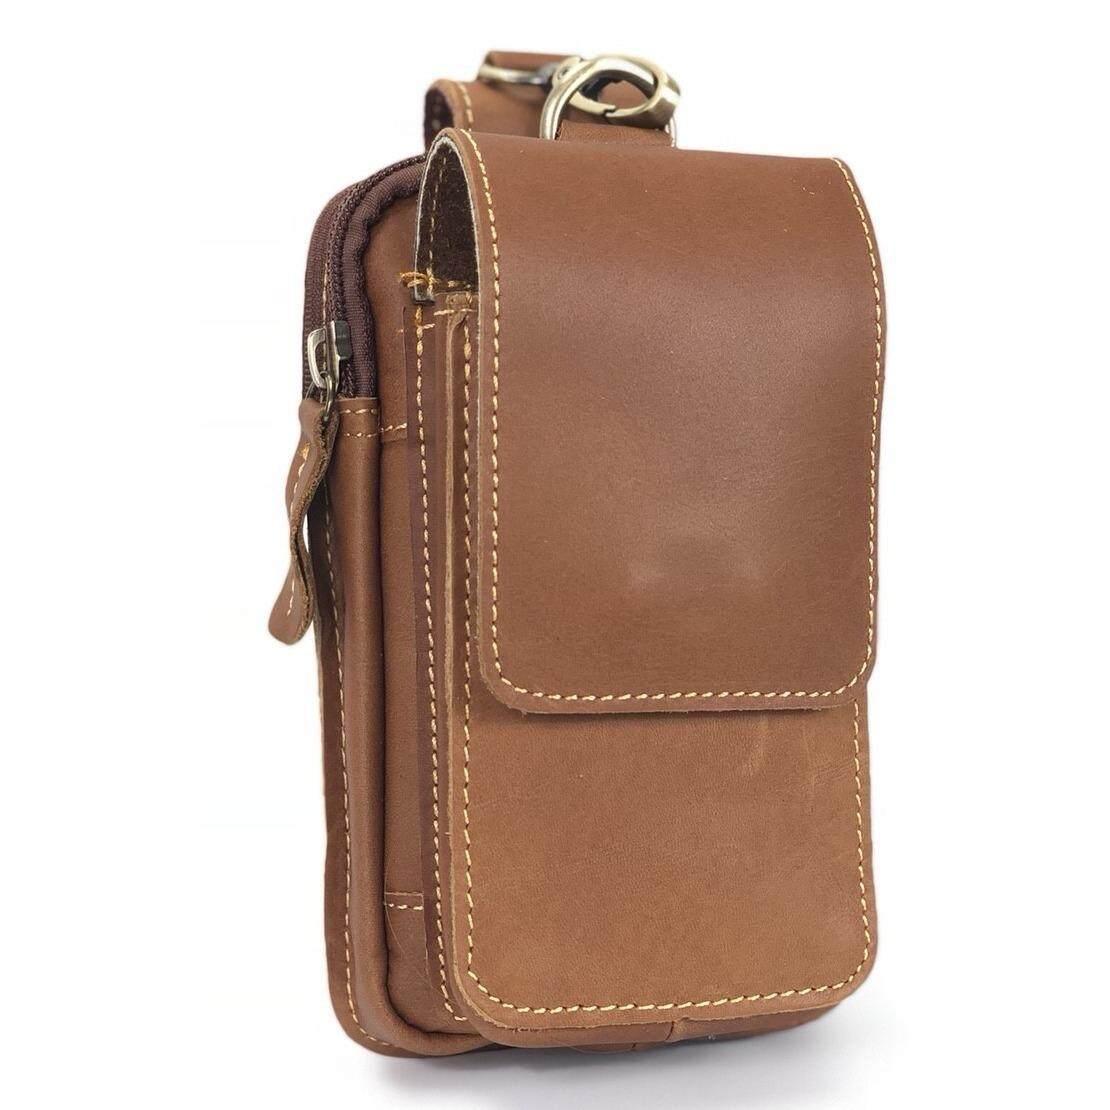 ราคา Chinatown Leatherกระเป๋าหนังแท้ร้อยเข็มขัดใส่มือถือตะขอบนIphone6 7พลัส Chinatown Leather เป็นต้นฉบับ